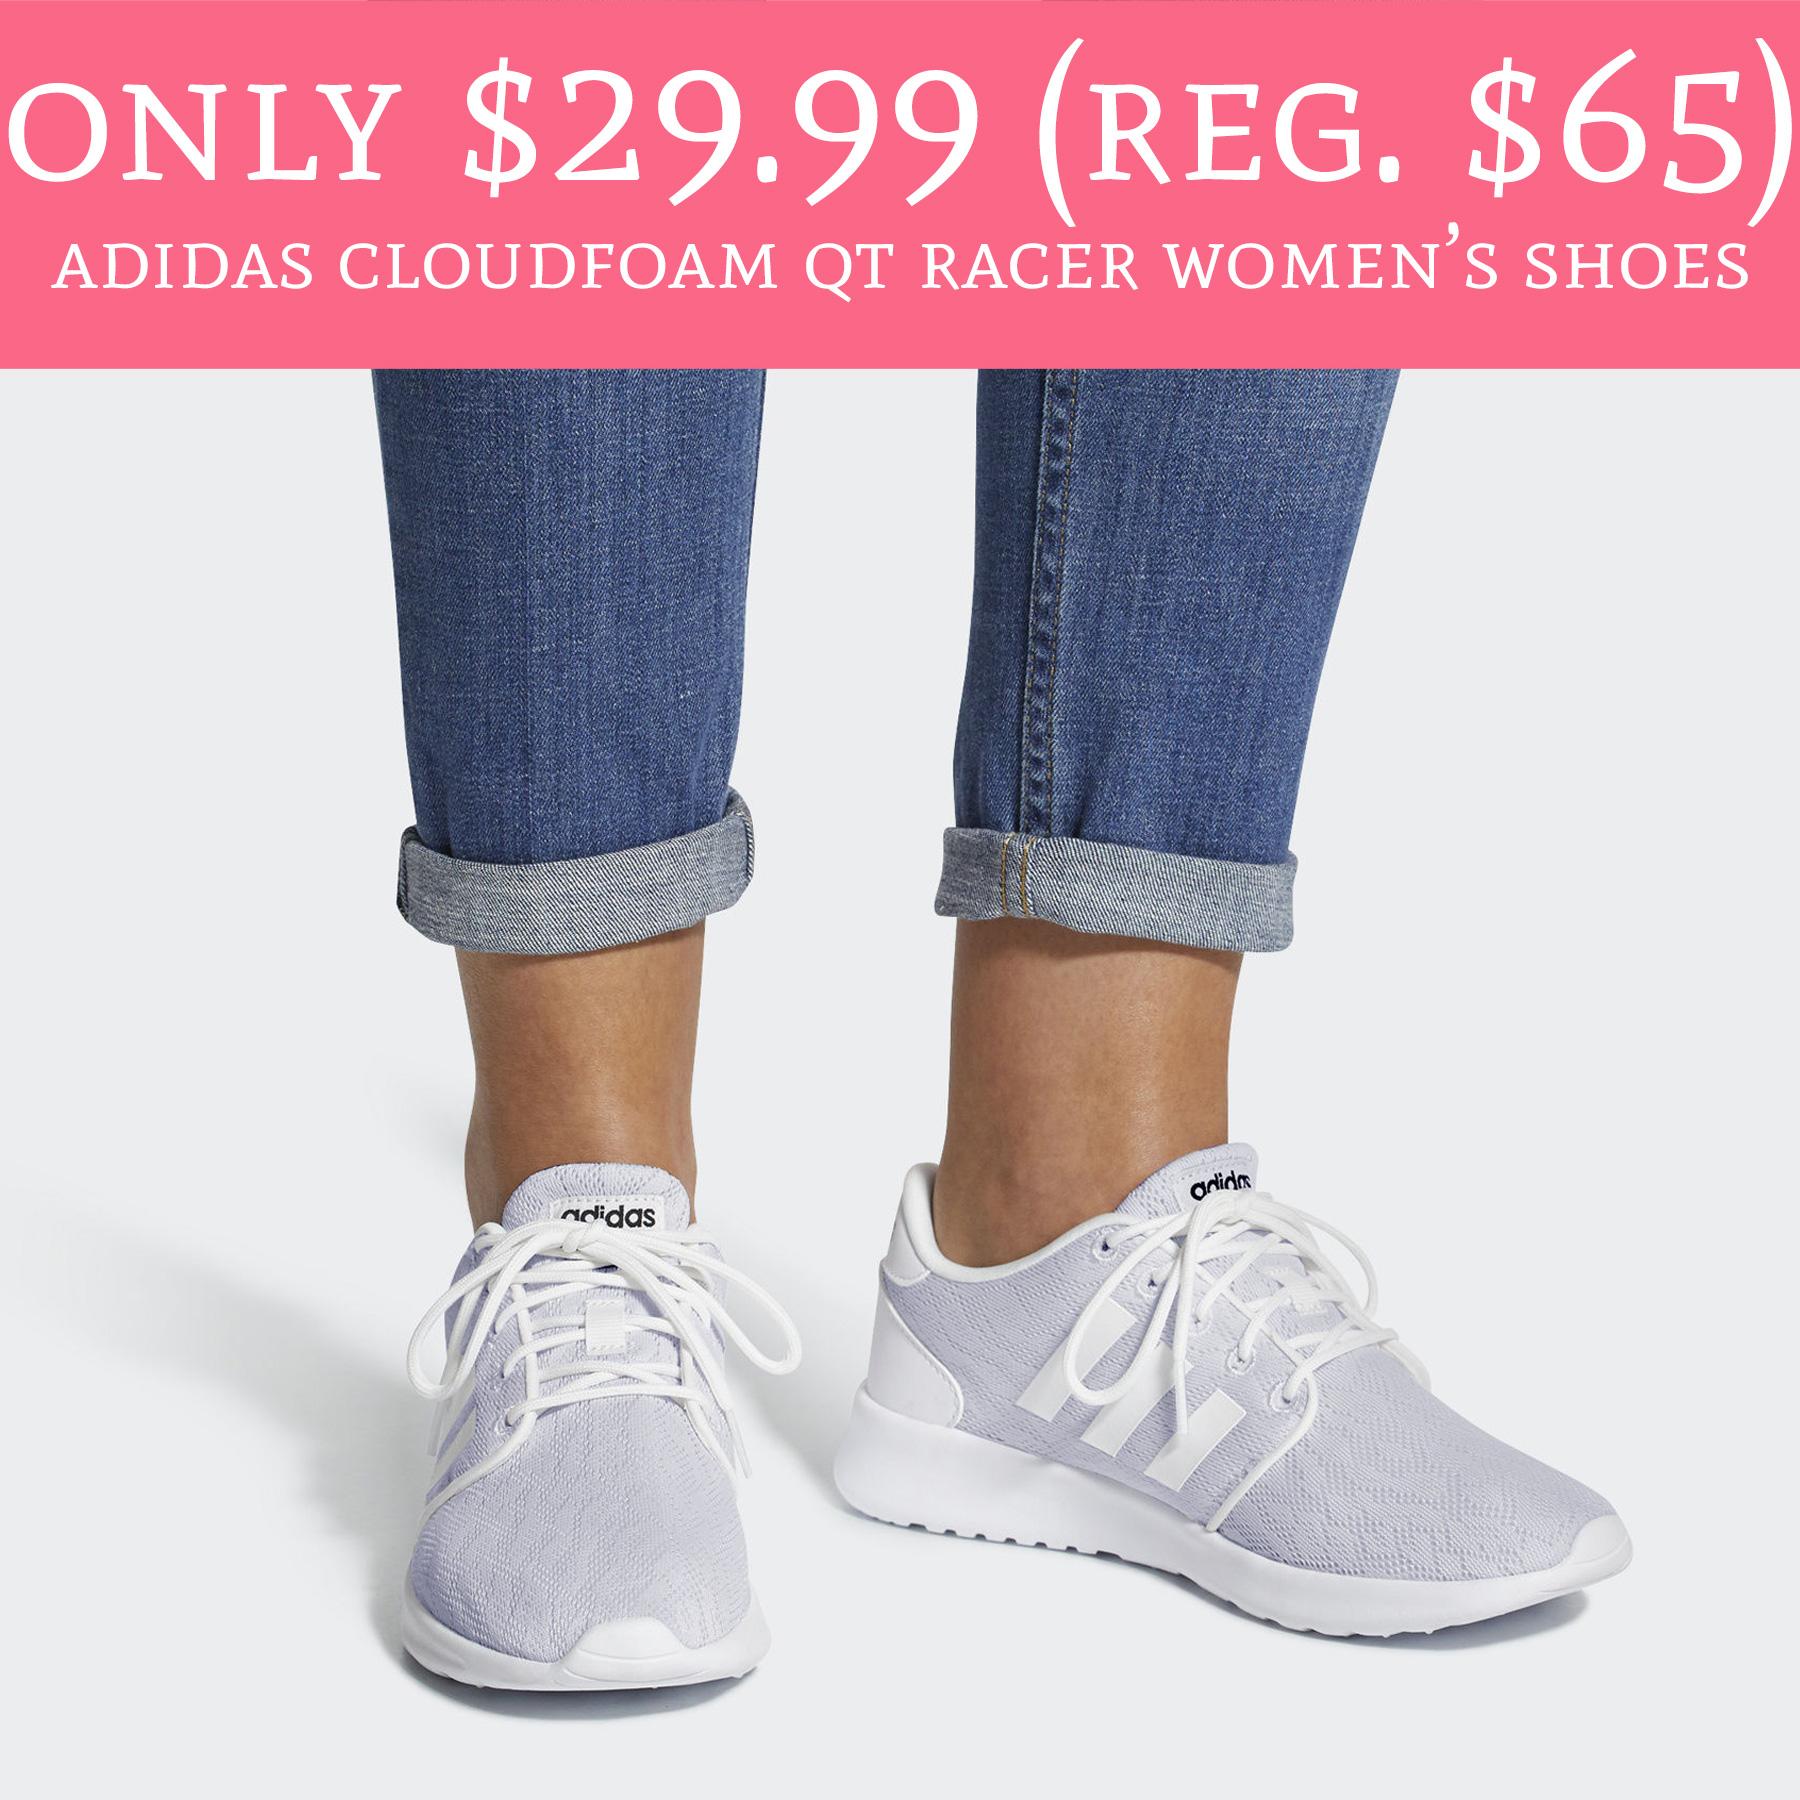 Only $29.99 (Regular $65) Adidas Cloudfoam QT Racer Women's Shoes ...